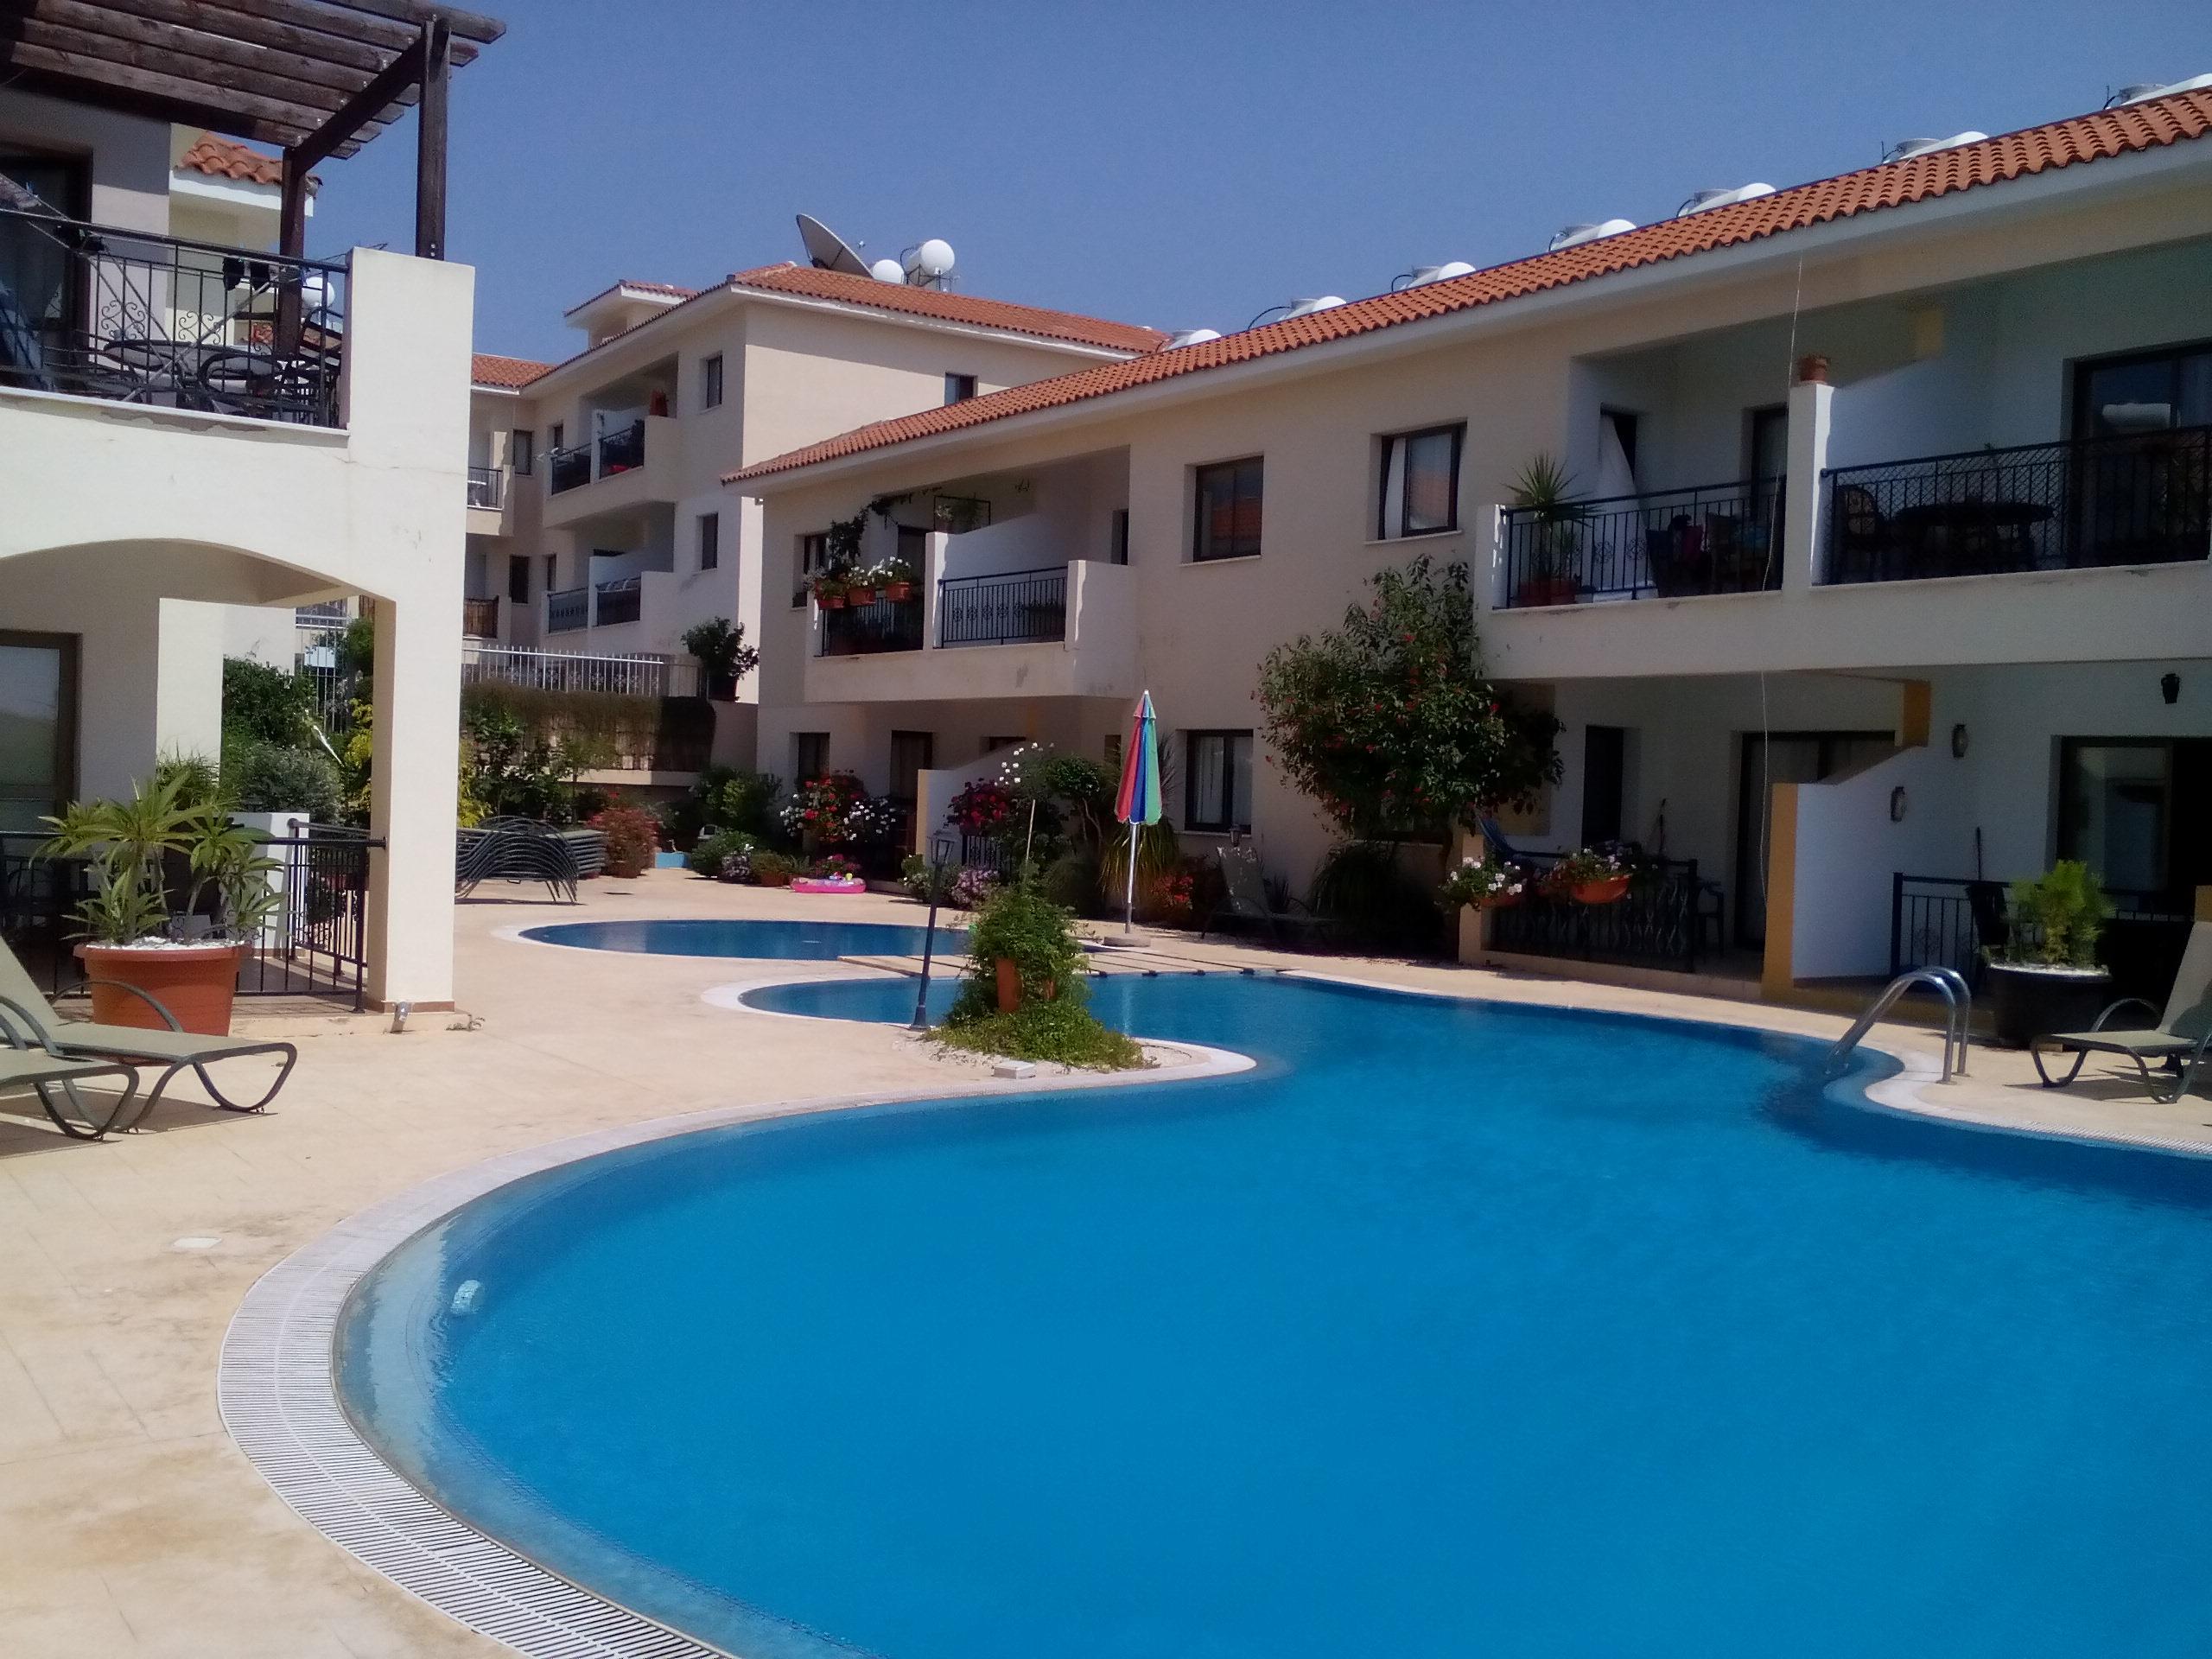 Luxus-Apartment, schnes Paphos, Zypern, ideal fr lange Ferien und Aufenthalte